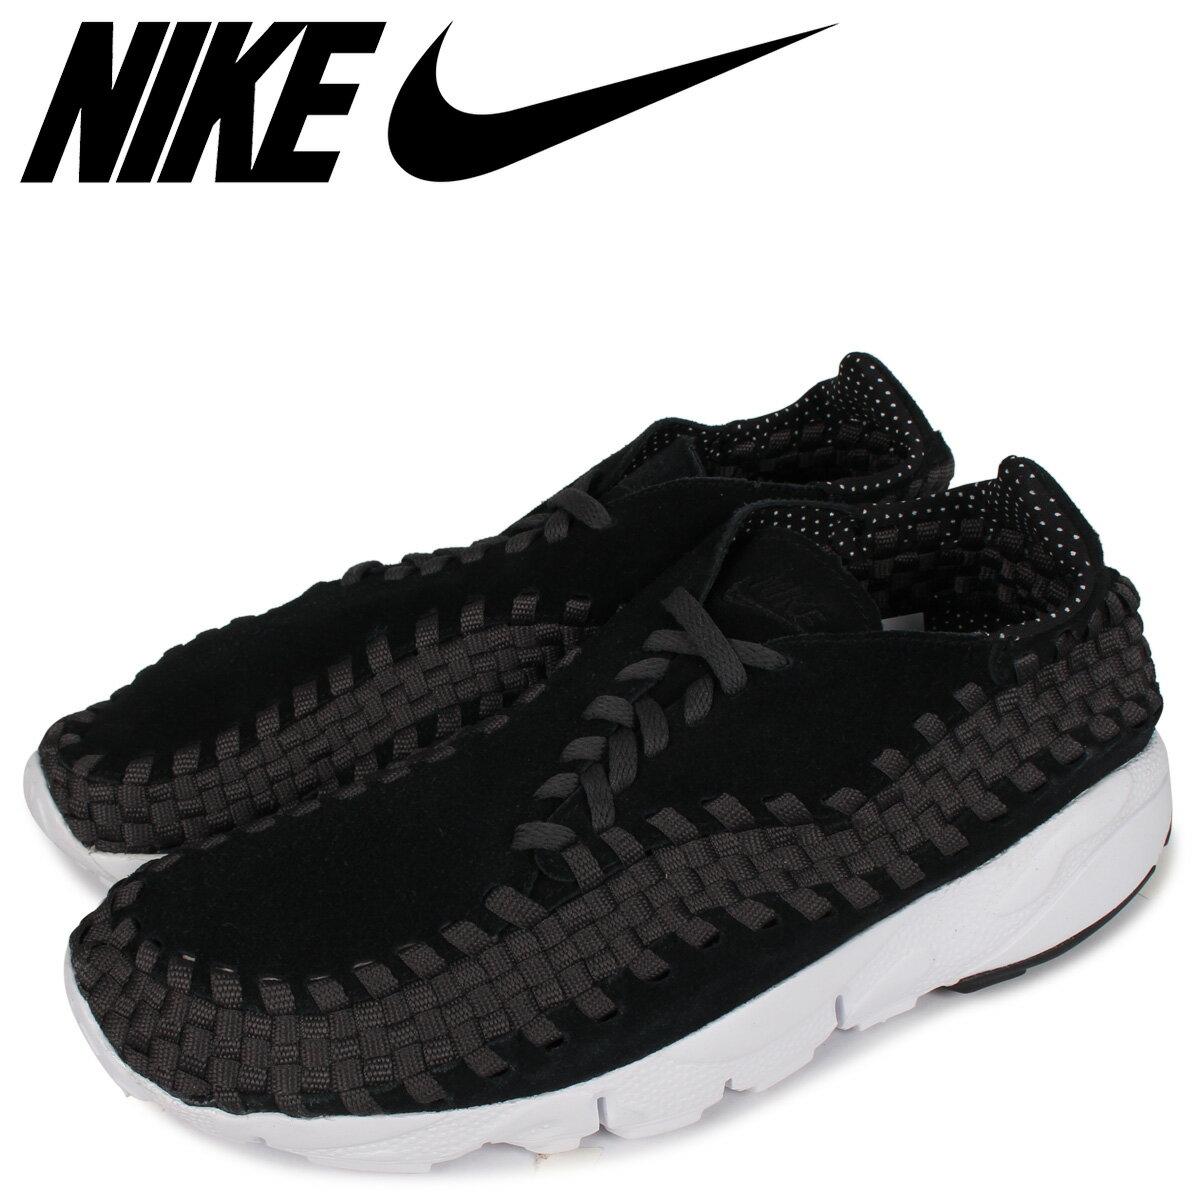 メンズ靴, スニーカー NIKE FOOTSCAPE WOVEN NM 875797-001 39